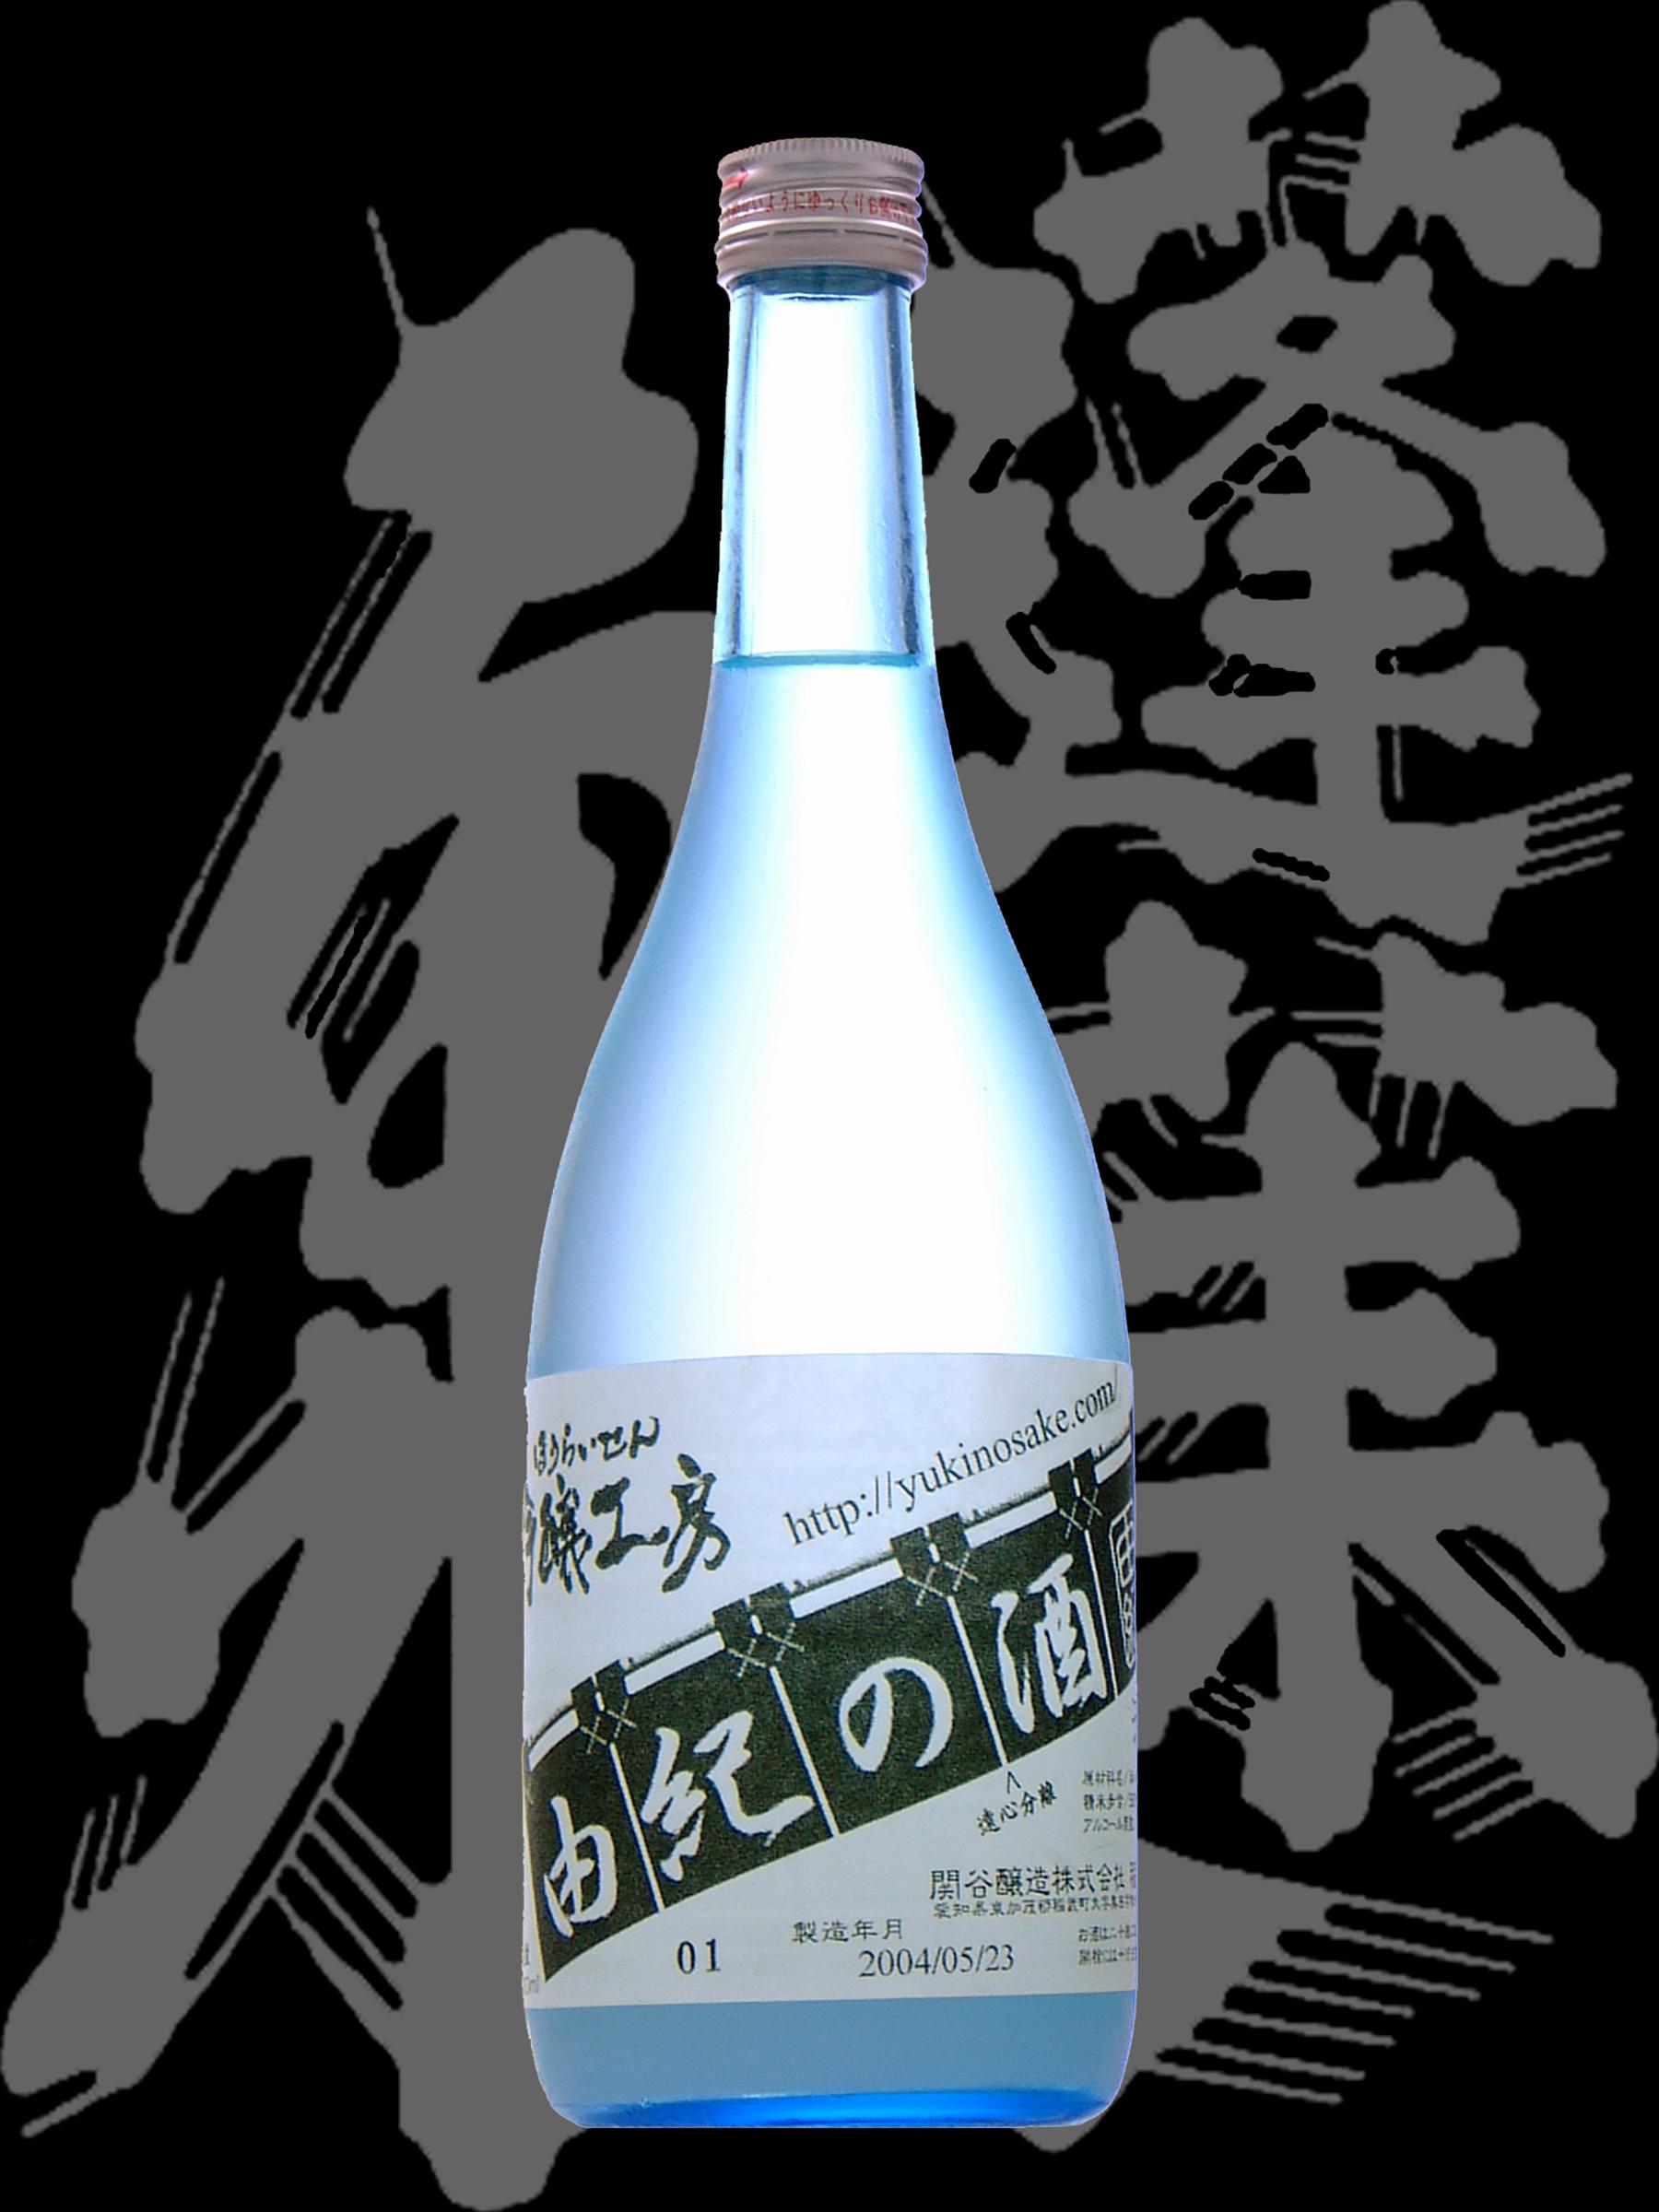 ほうらいせん吟醸工房(ほうらいせんぎんじょうこうぼう)「純米吟醸」由紀の酒 遠心分離